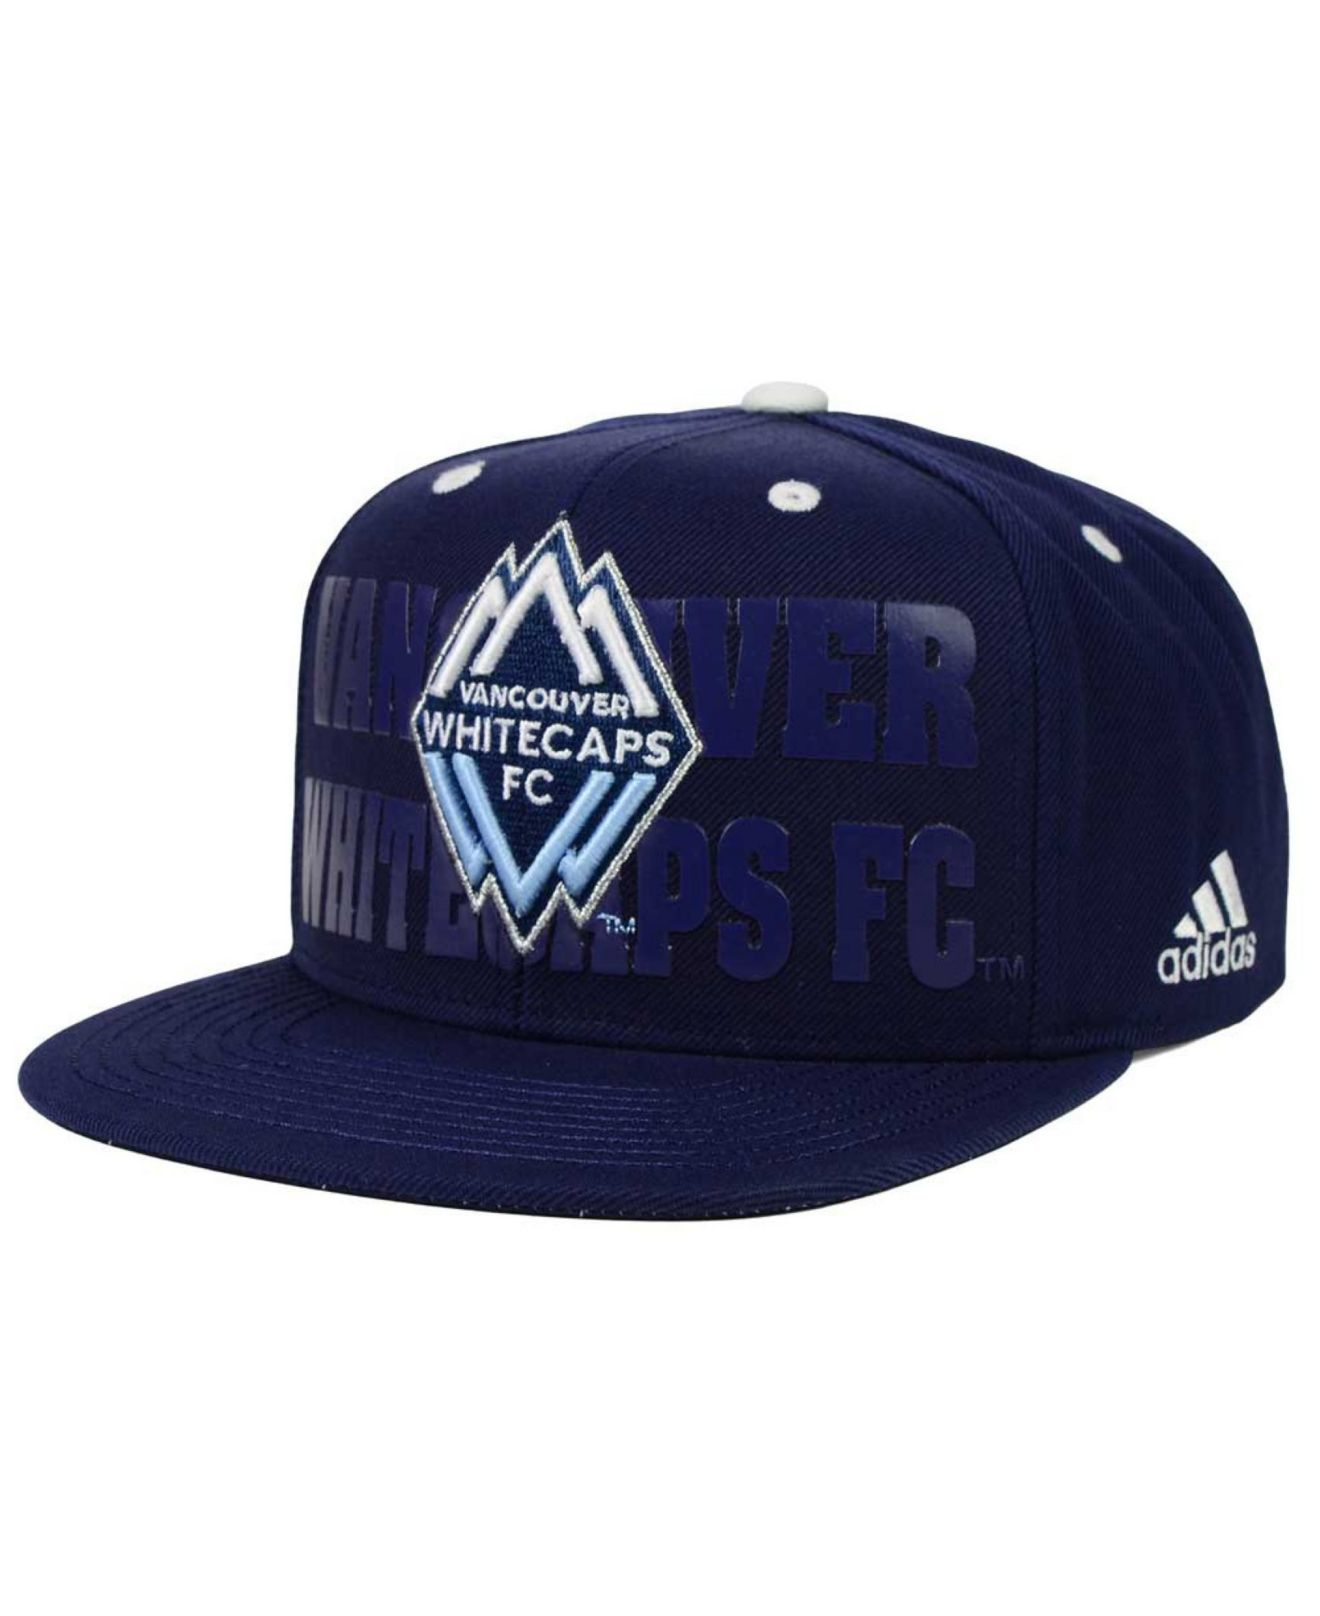 Lyst - adidas Originals Vancouver Whitecaps Fc Academy Snapback Cap ... e9174c69e90c